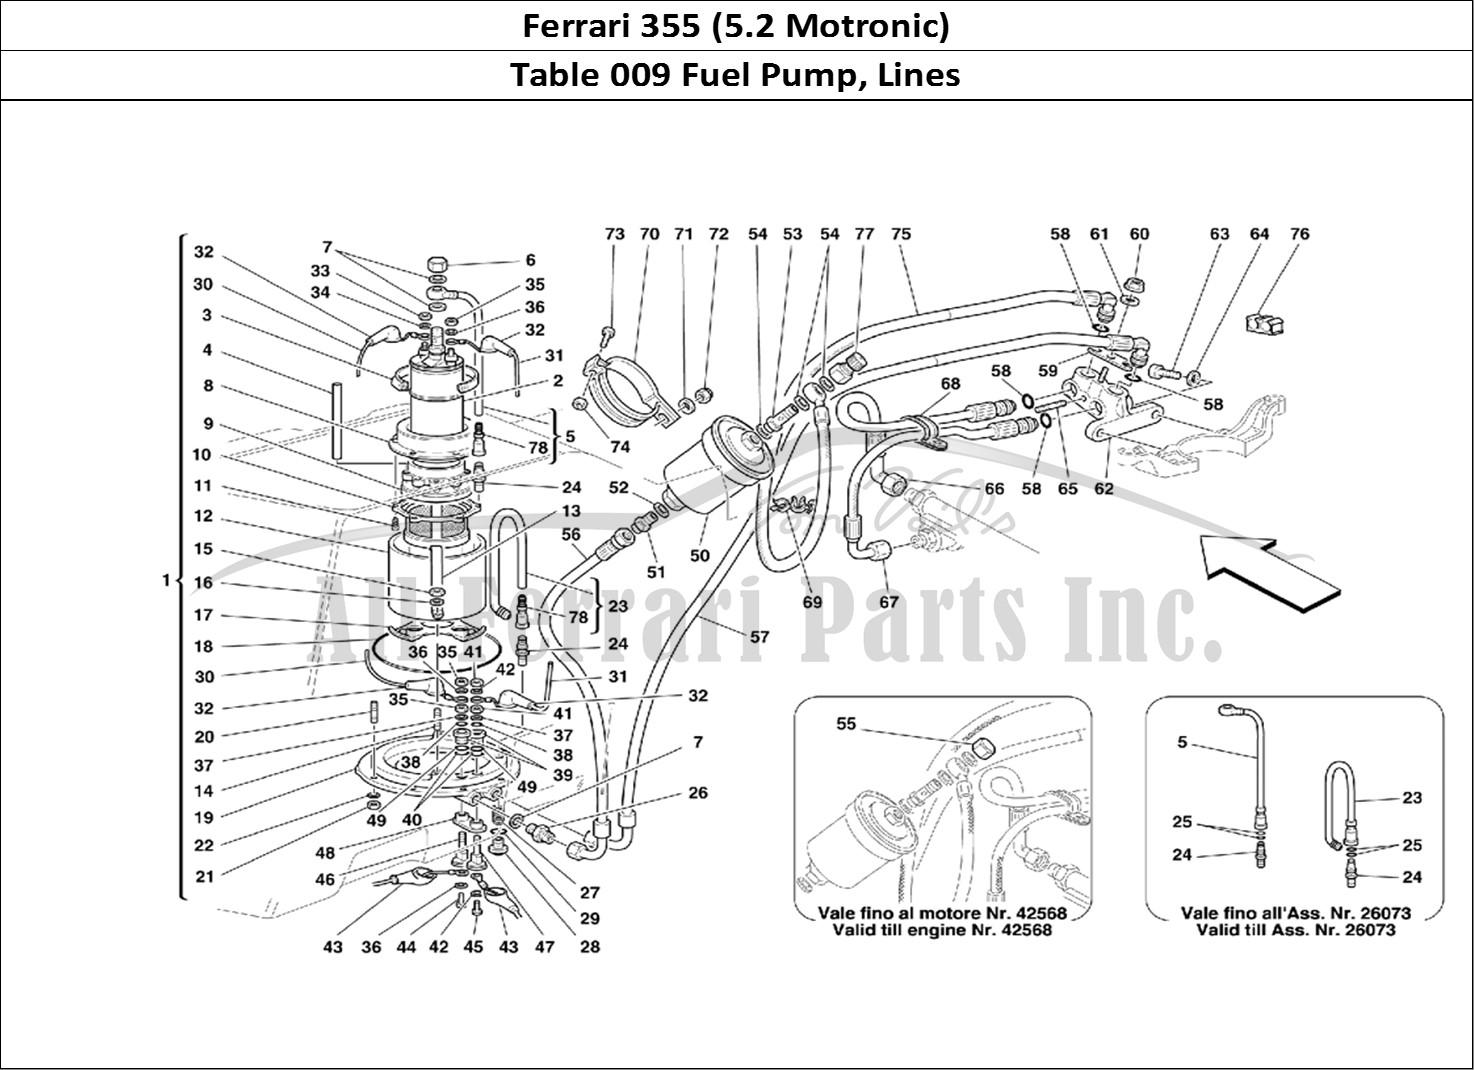 Buy Original Ferrari 355 5 2 Motronic 009 Fuel Pump